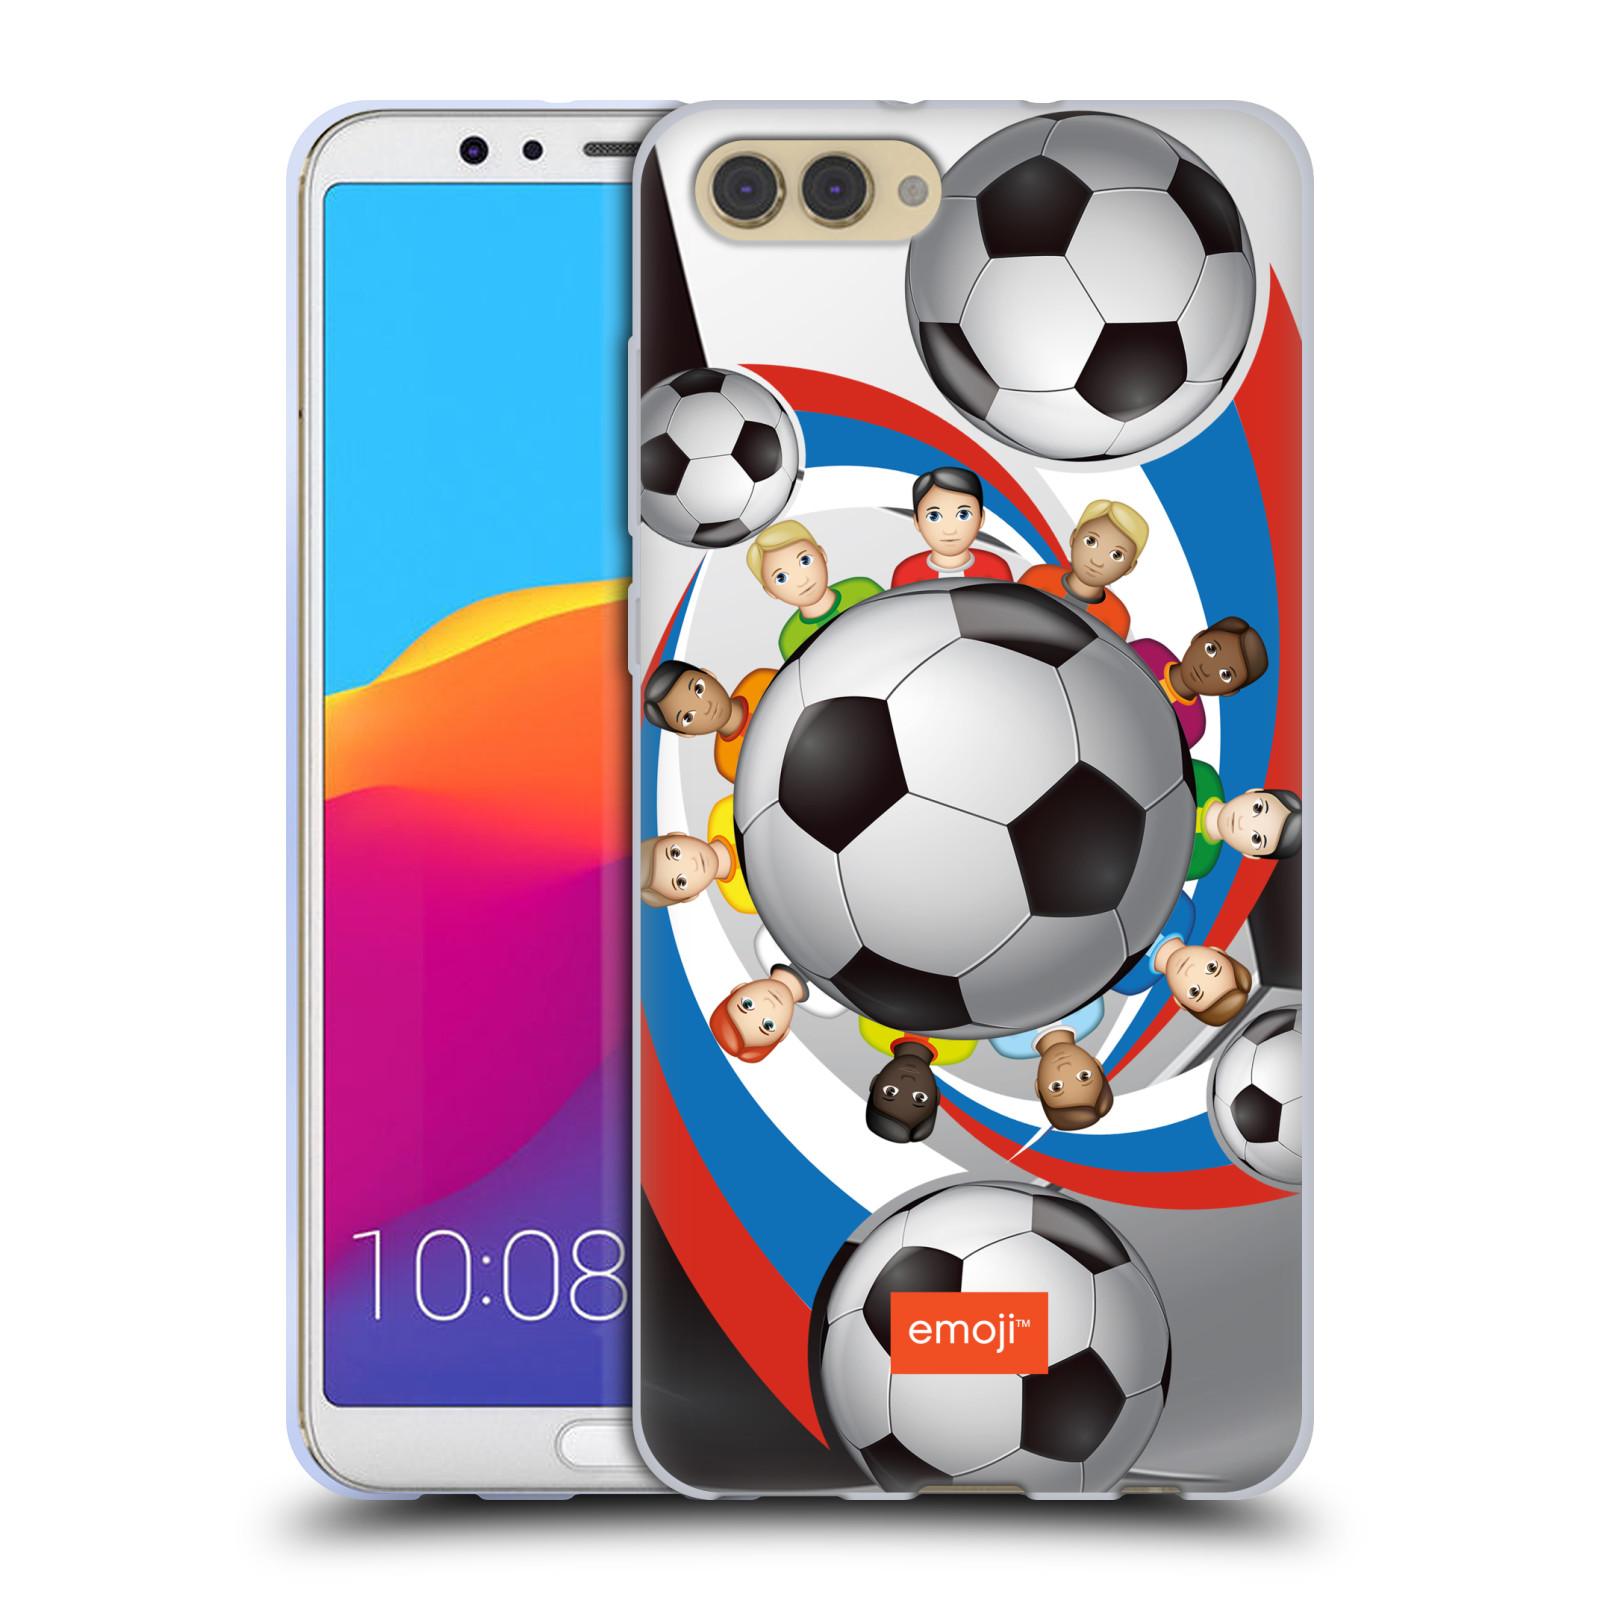 HEAD CASE silikonový obal na mobil Huawei HONOR VIEW 10 / V10 smajlíci oficiální kryt EMOJI vzor fotbalové míče